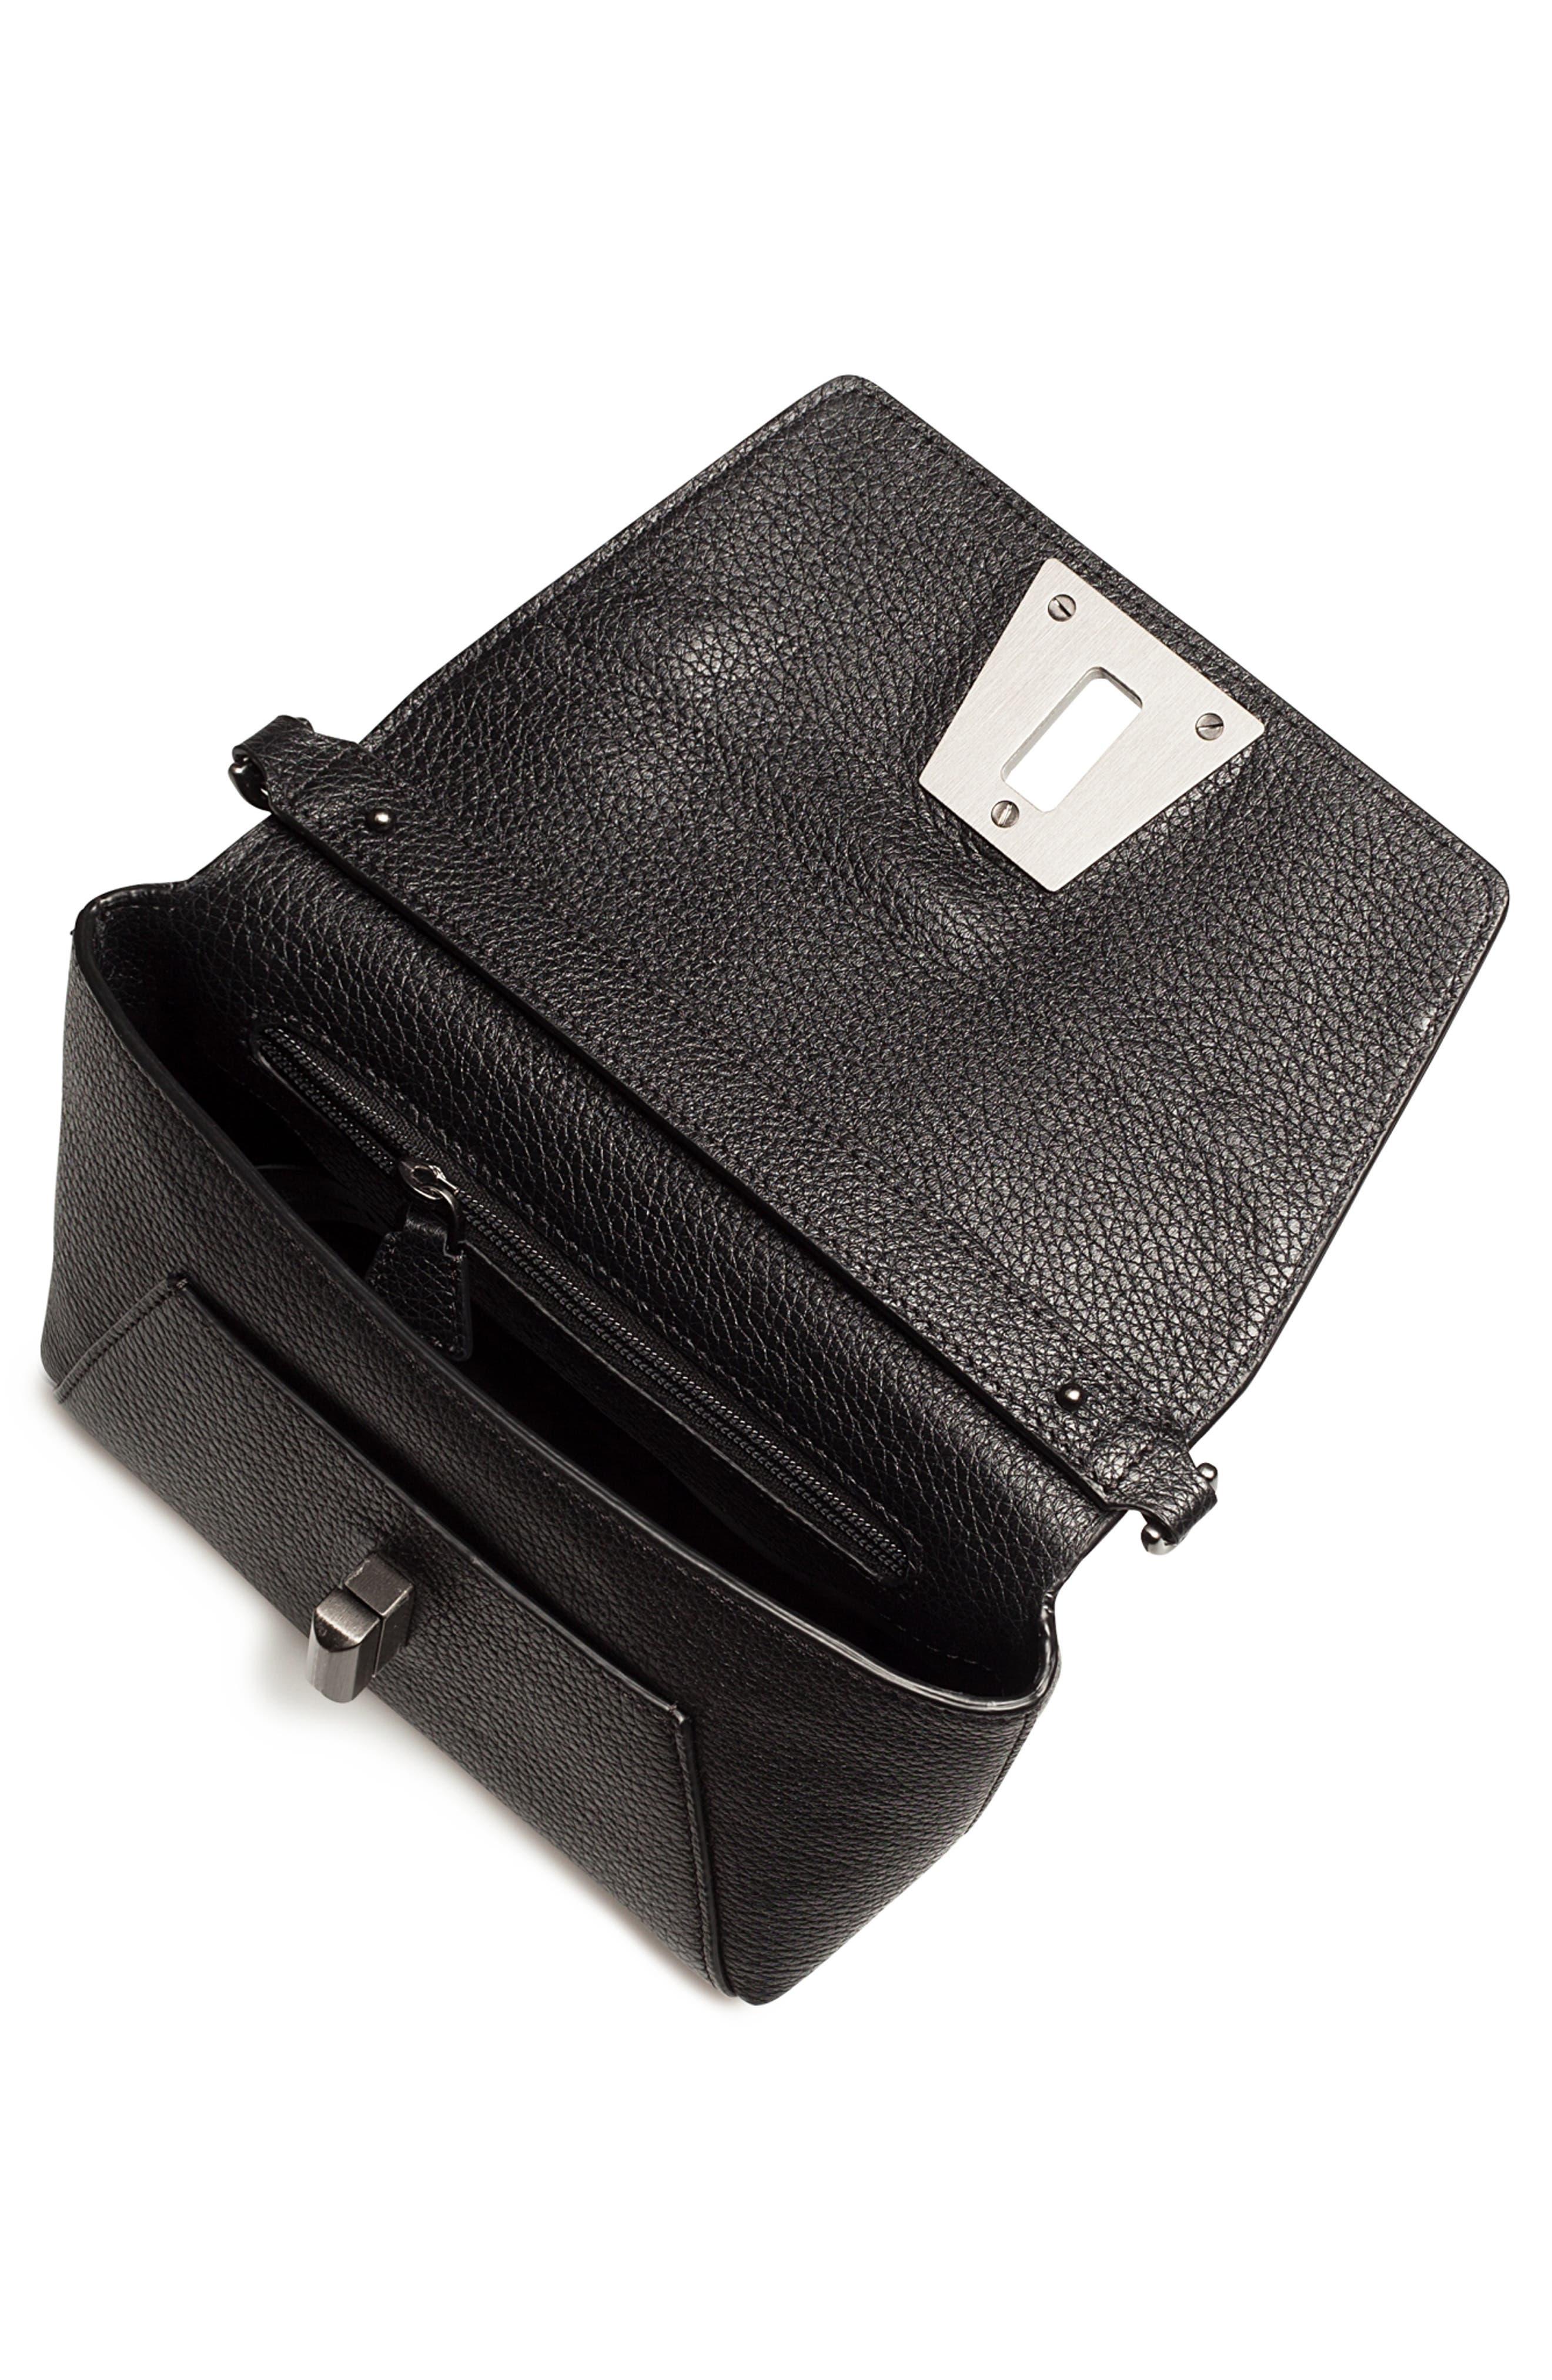 Little Anouk Leather Crossbody Bag,                             Alternate thumbnail 4, color,                             009 BLACK